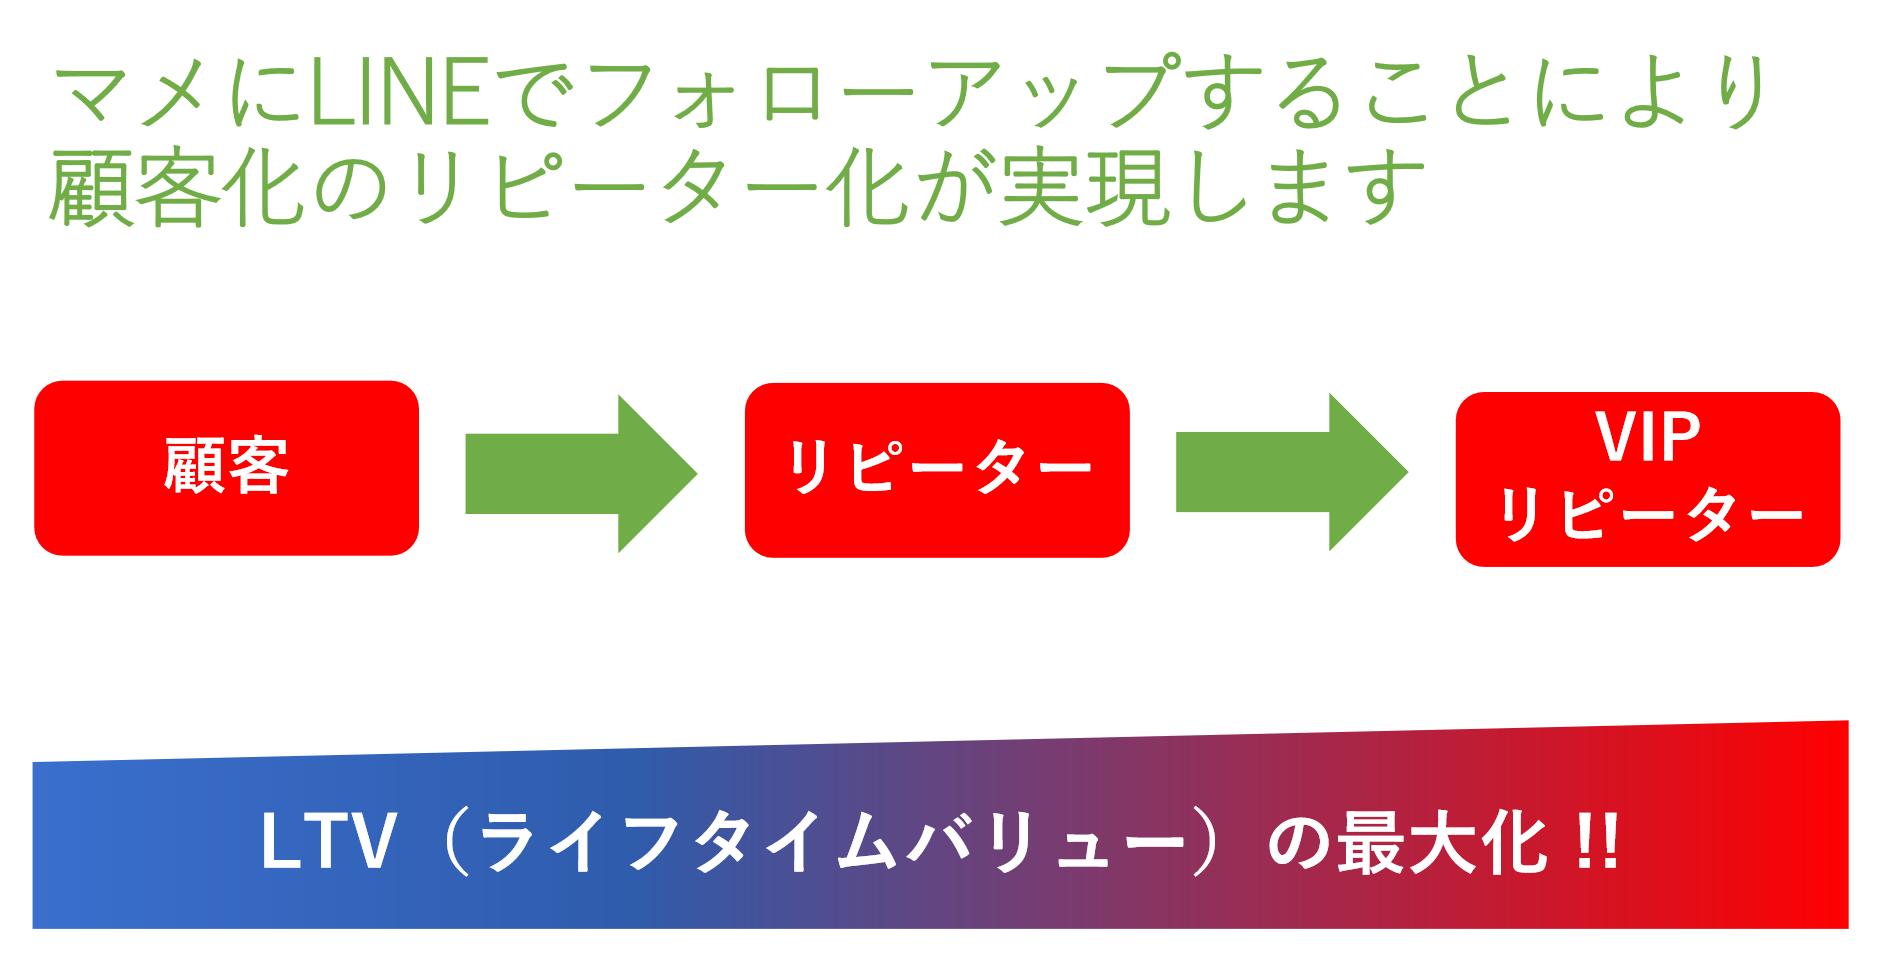 歯科のLINE@活用事例